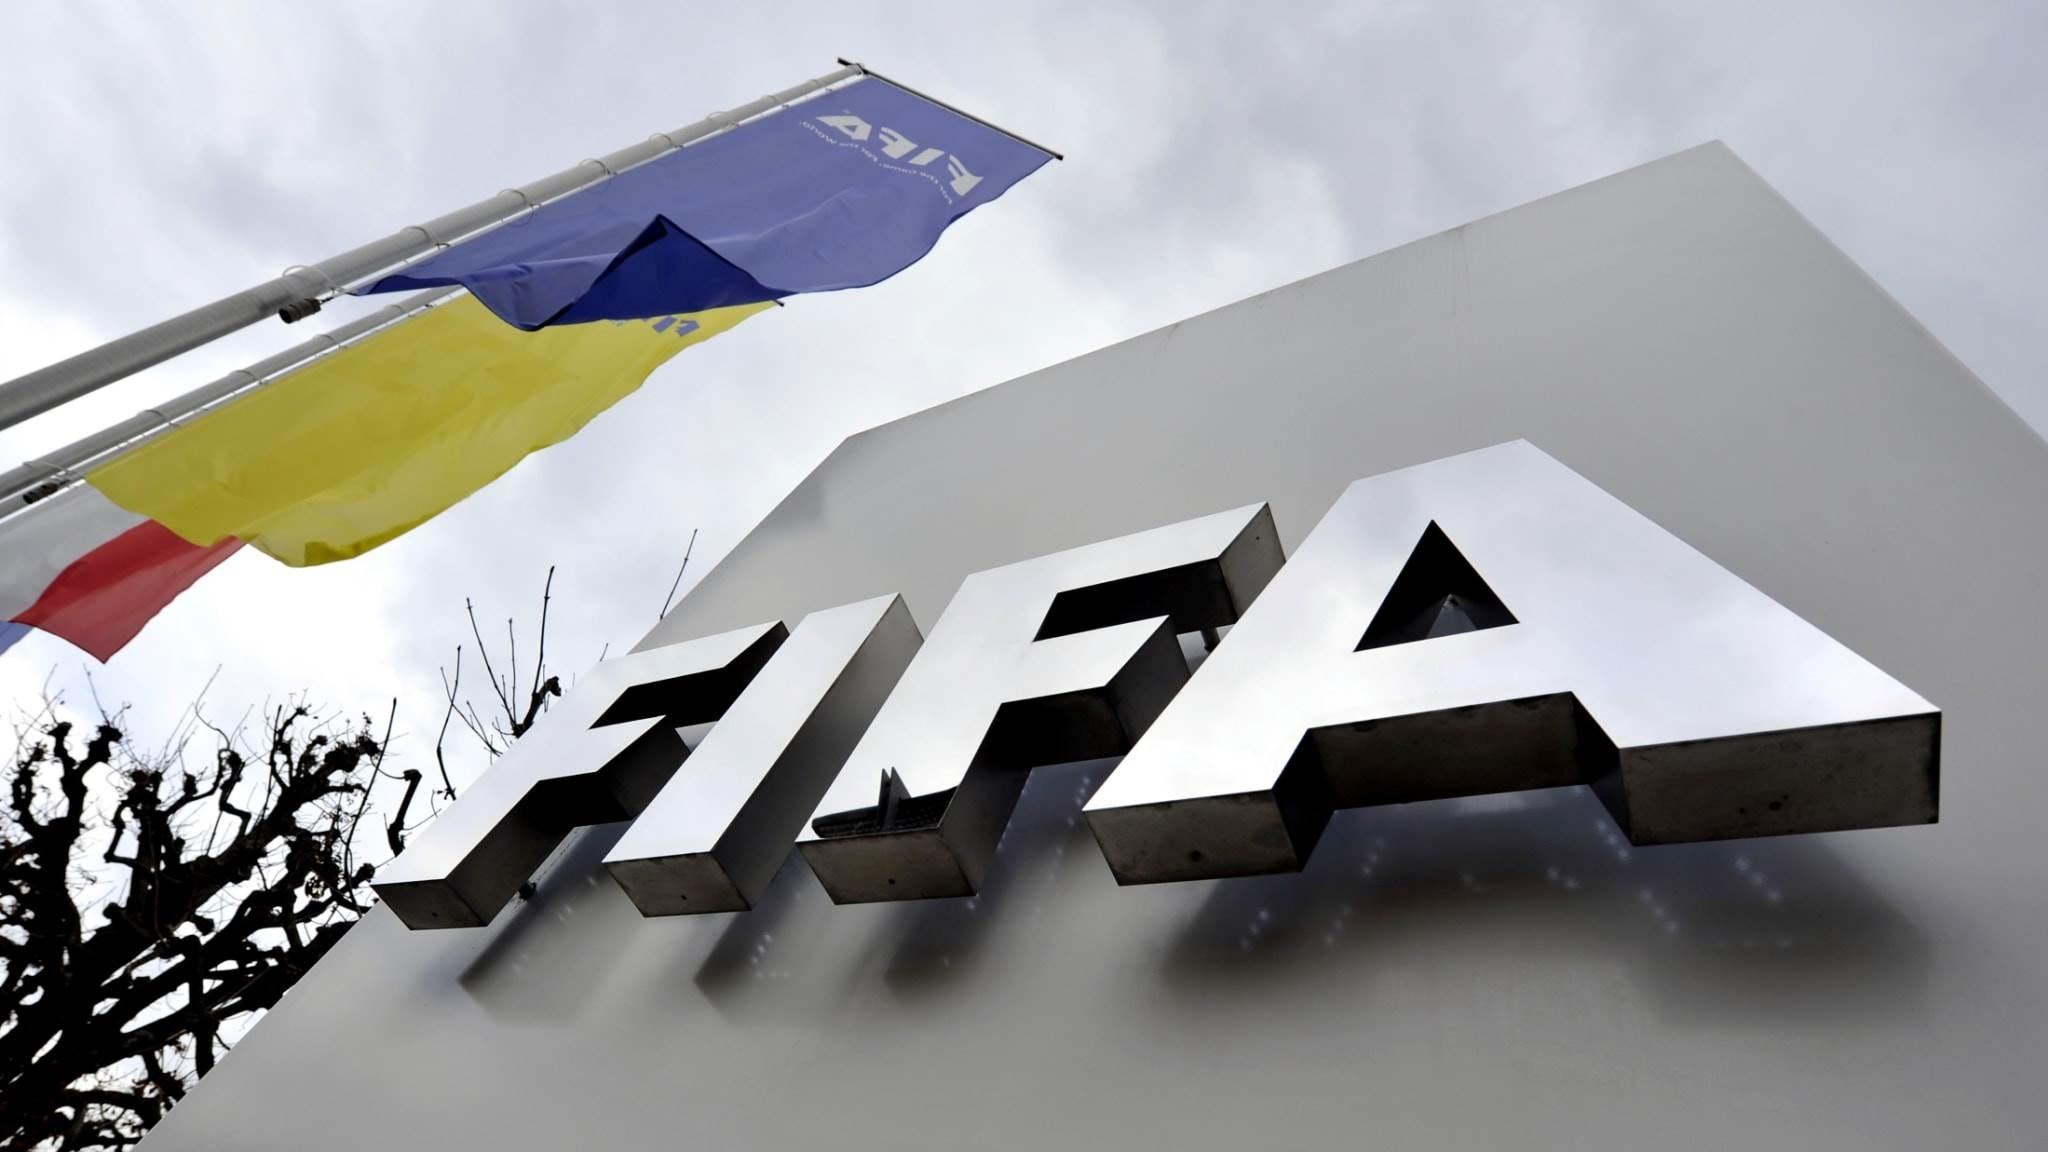 الفيفا يسمح للاعبين باللعب لثلاثة أندية في موسم واحد